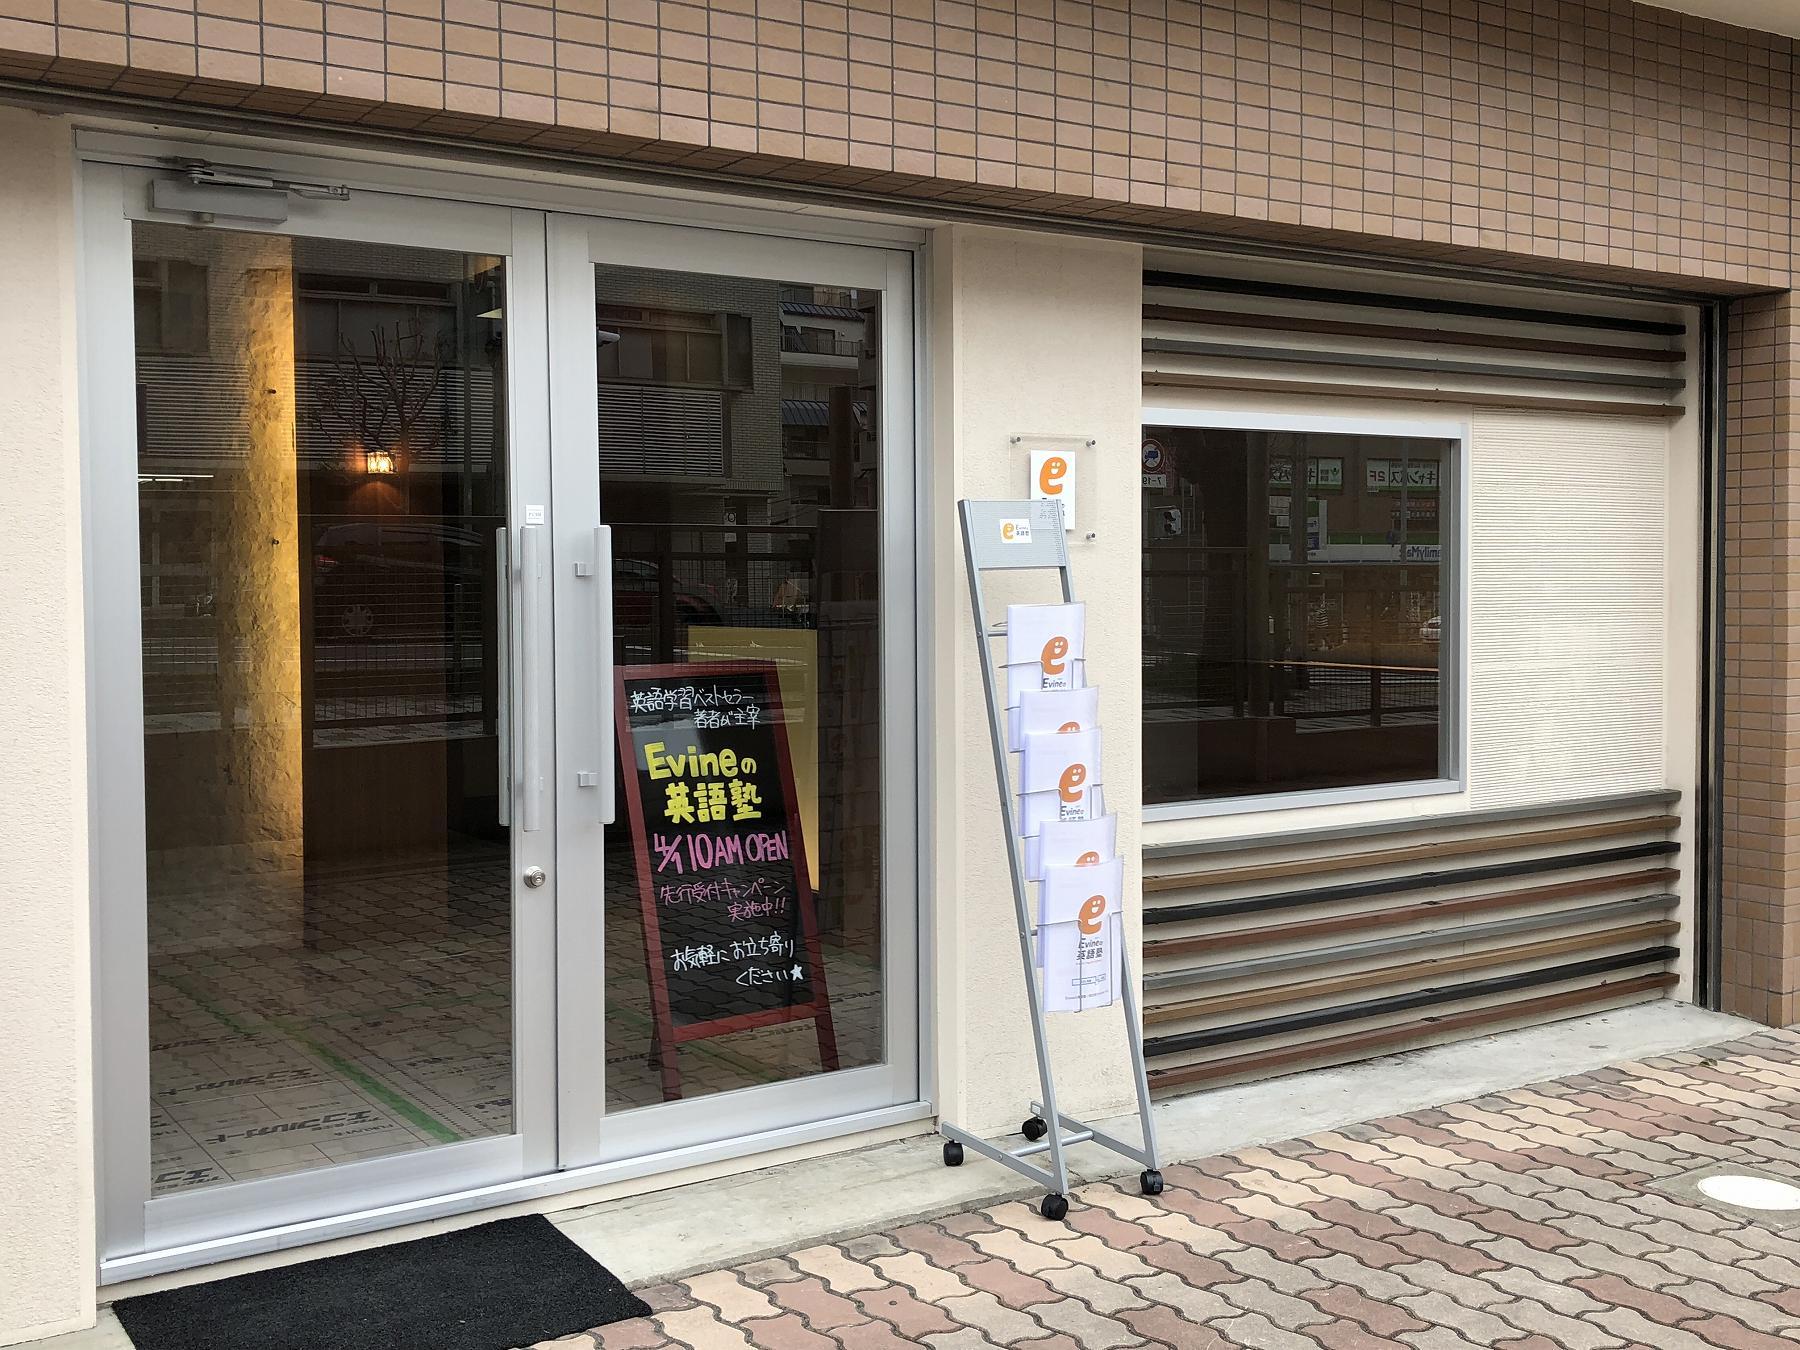 神戸・東灘の田中町に「Evineの英語塾」が2018年4月1日(日)にオープンするよ! #新規オープン #学習塾 #東灘区 #Mr.Evine #Evineの英語塾